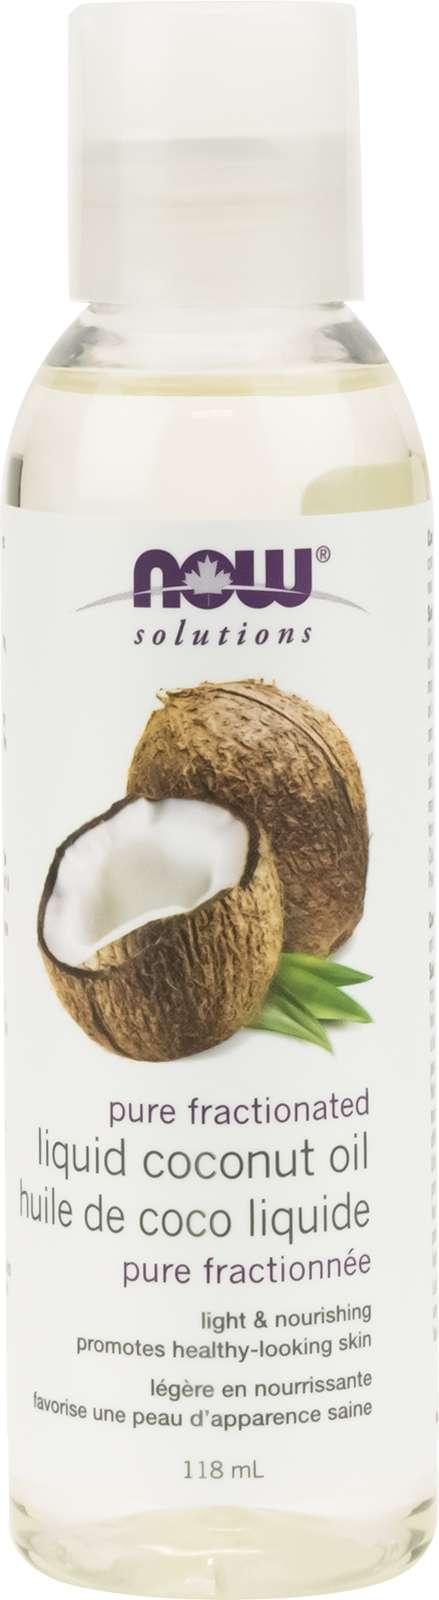 Fractionated Liquid Coconut Oil